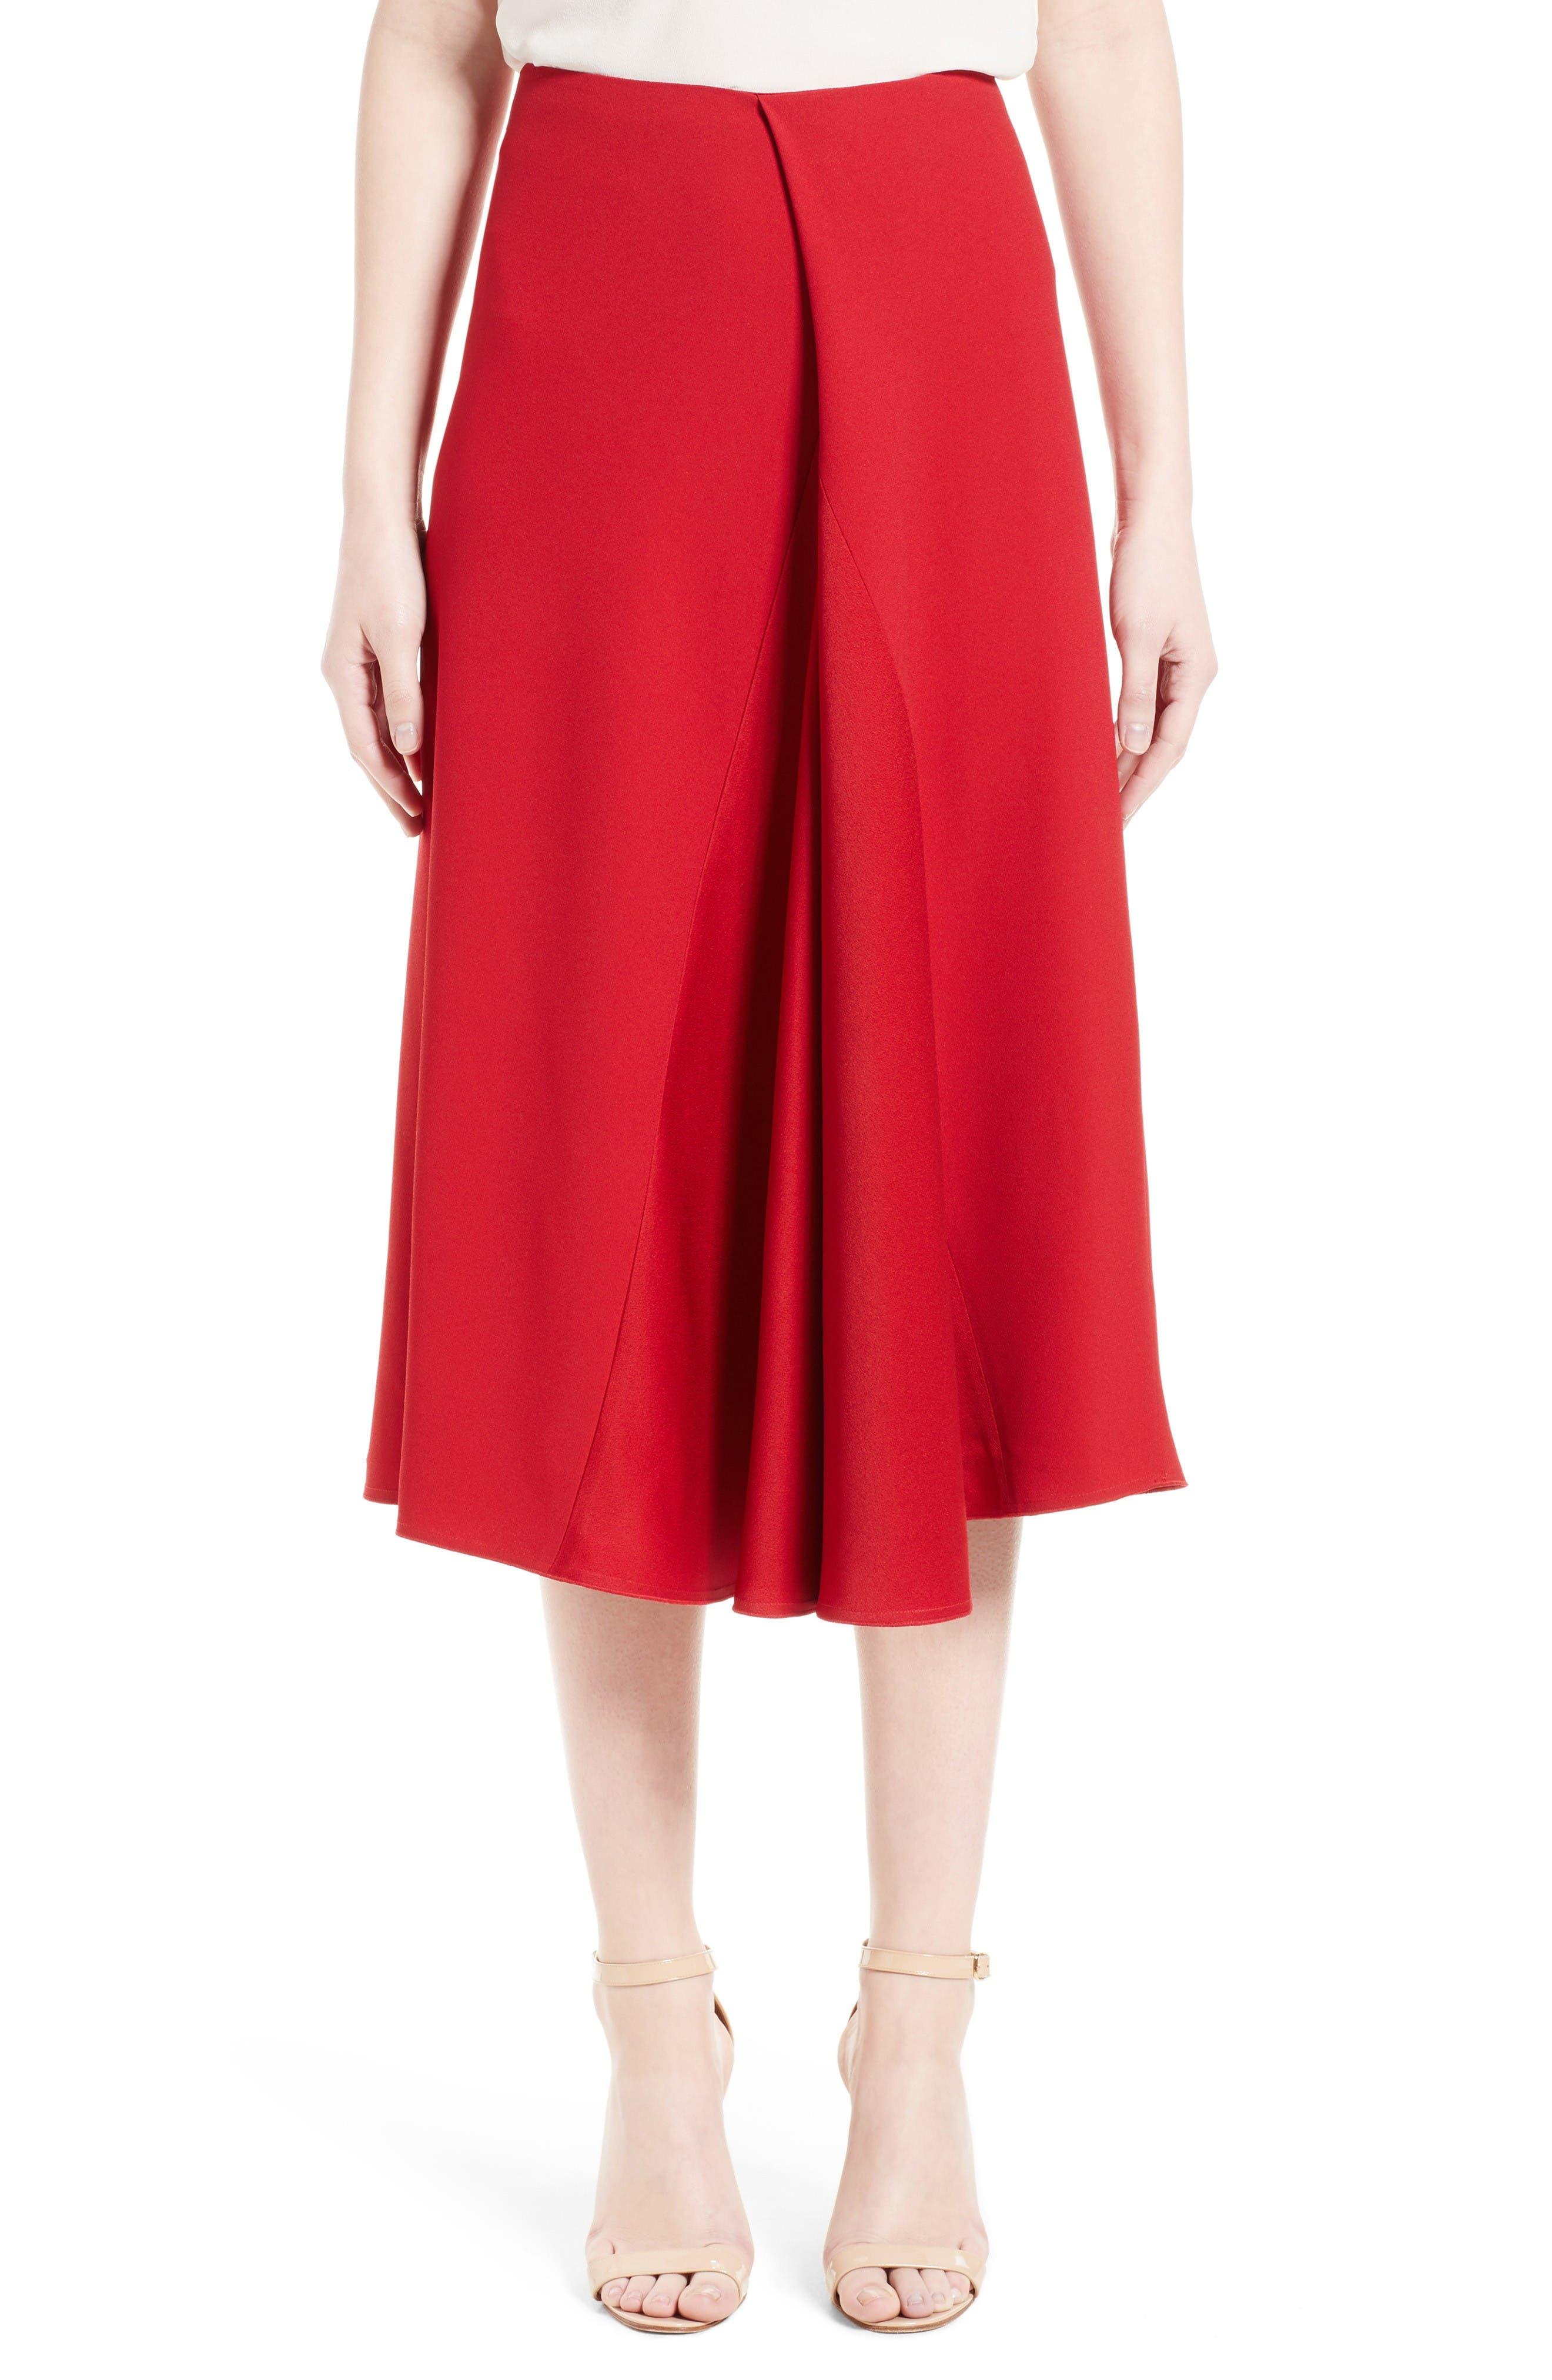 Victoria Beckham Satin Crepe Godet Skirt